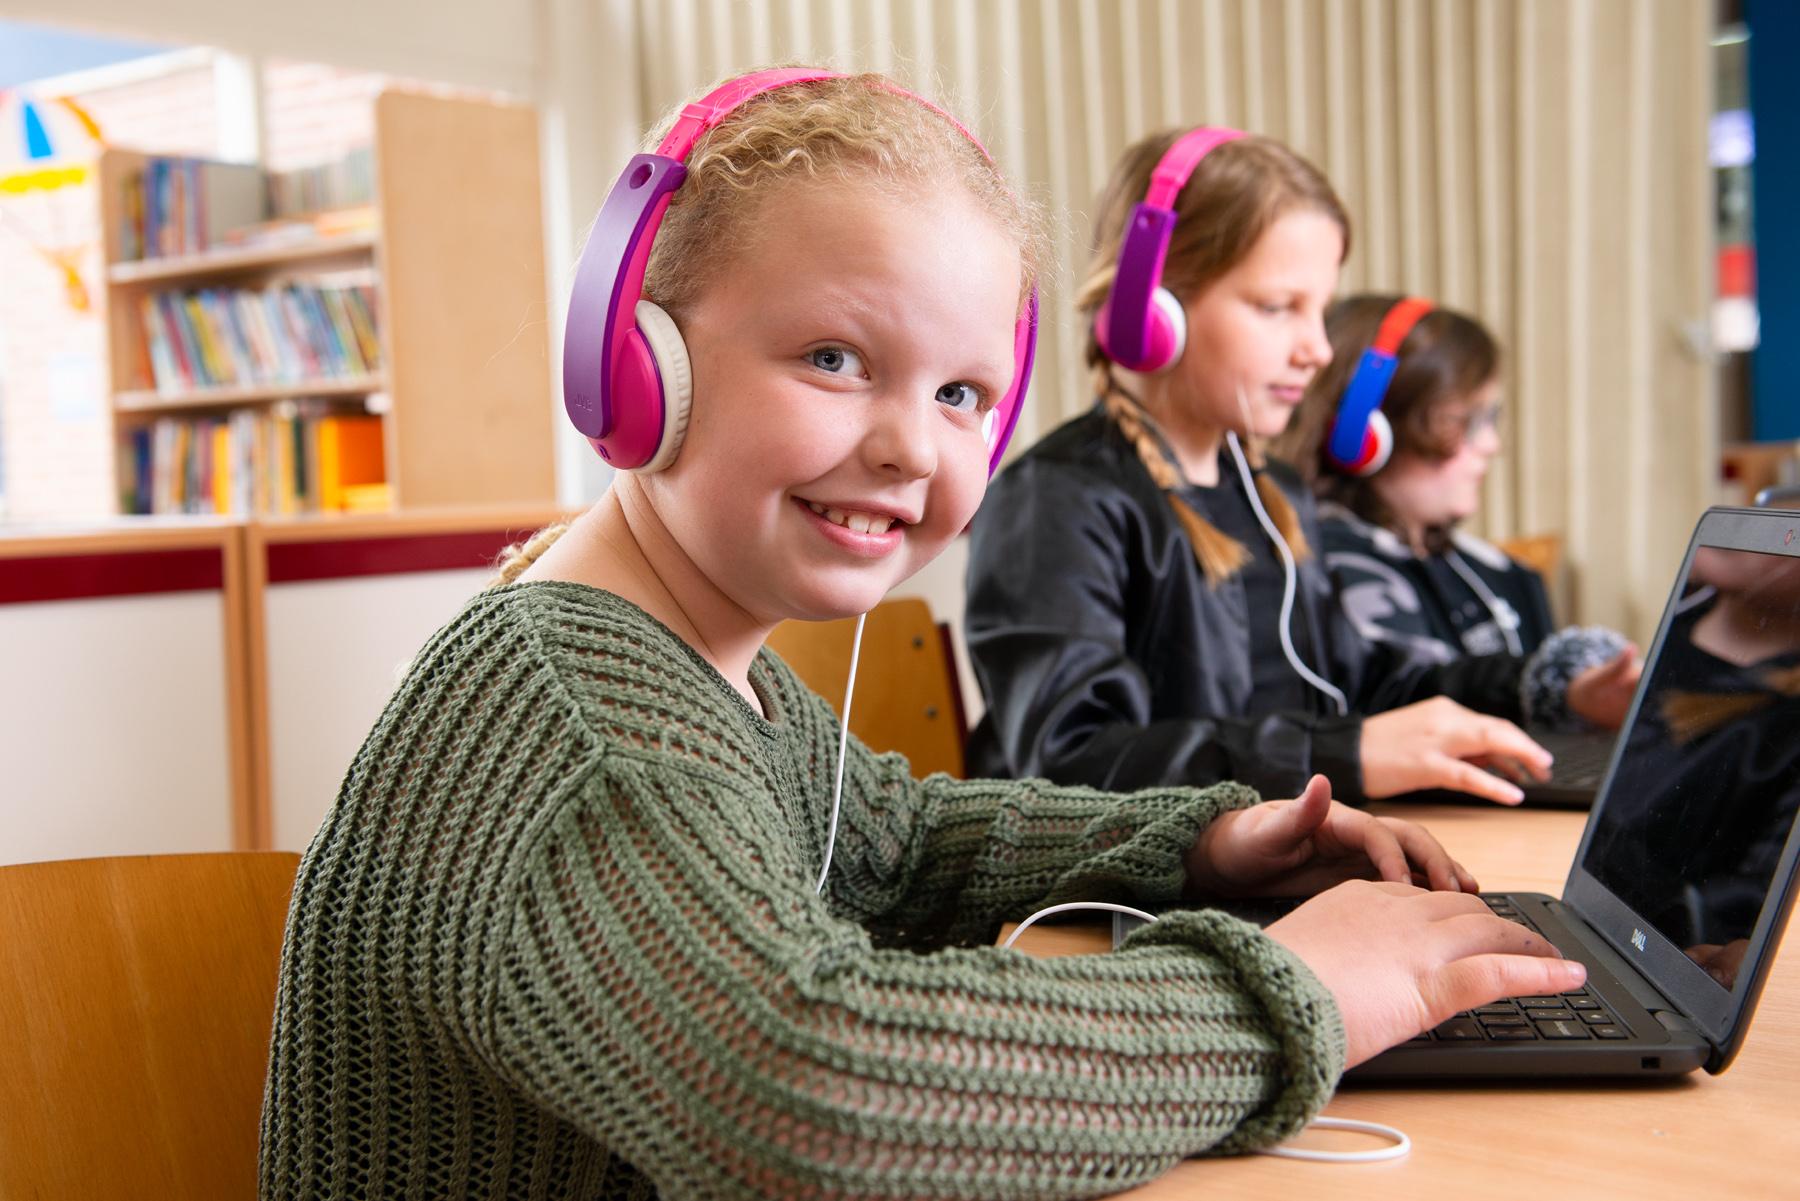 Kindcentrum Het Anker Zwartebroek 34 LR